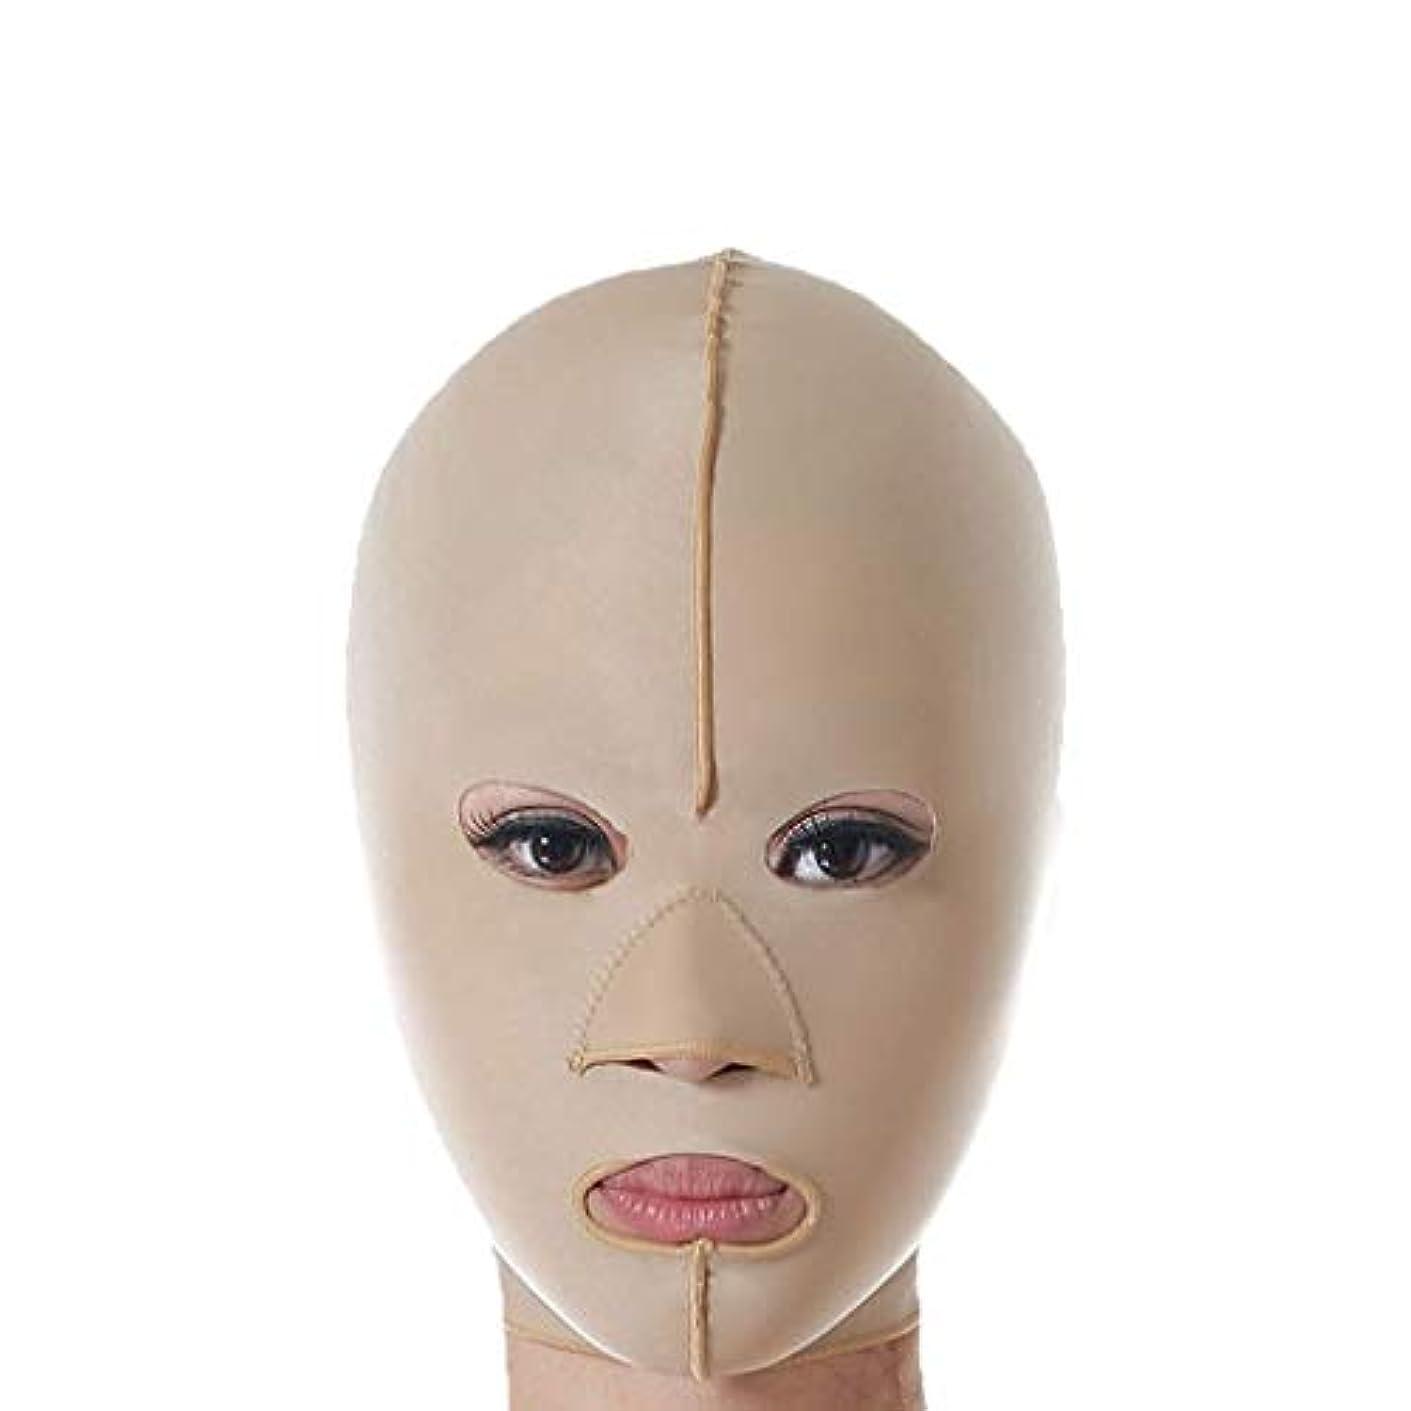 ストライク先行する梨減量フェイスマスク、リフティング包帯、スリムフェイスリフトリフティングベルト、フェイシャル減量リフティング包帯、リフティングファーミング包帯(サイズ:XL),S